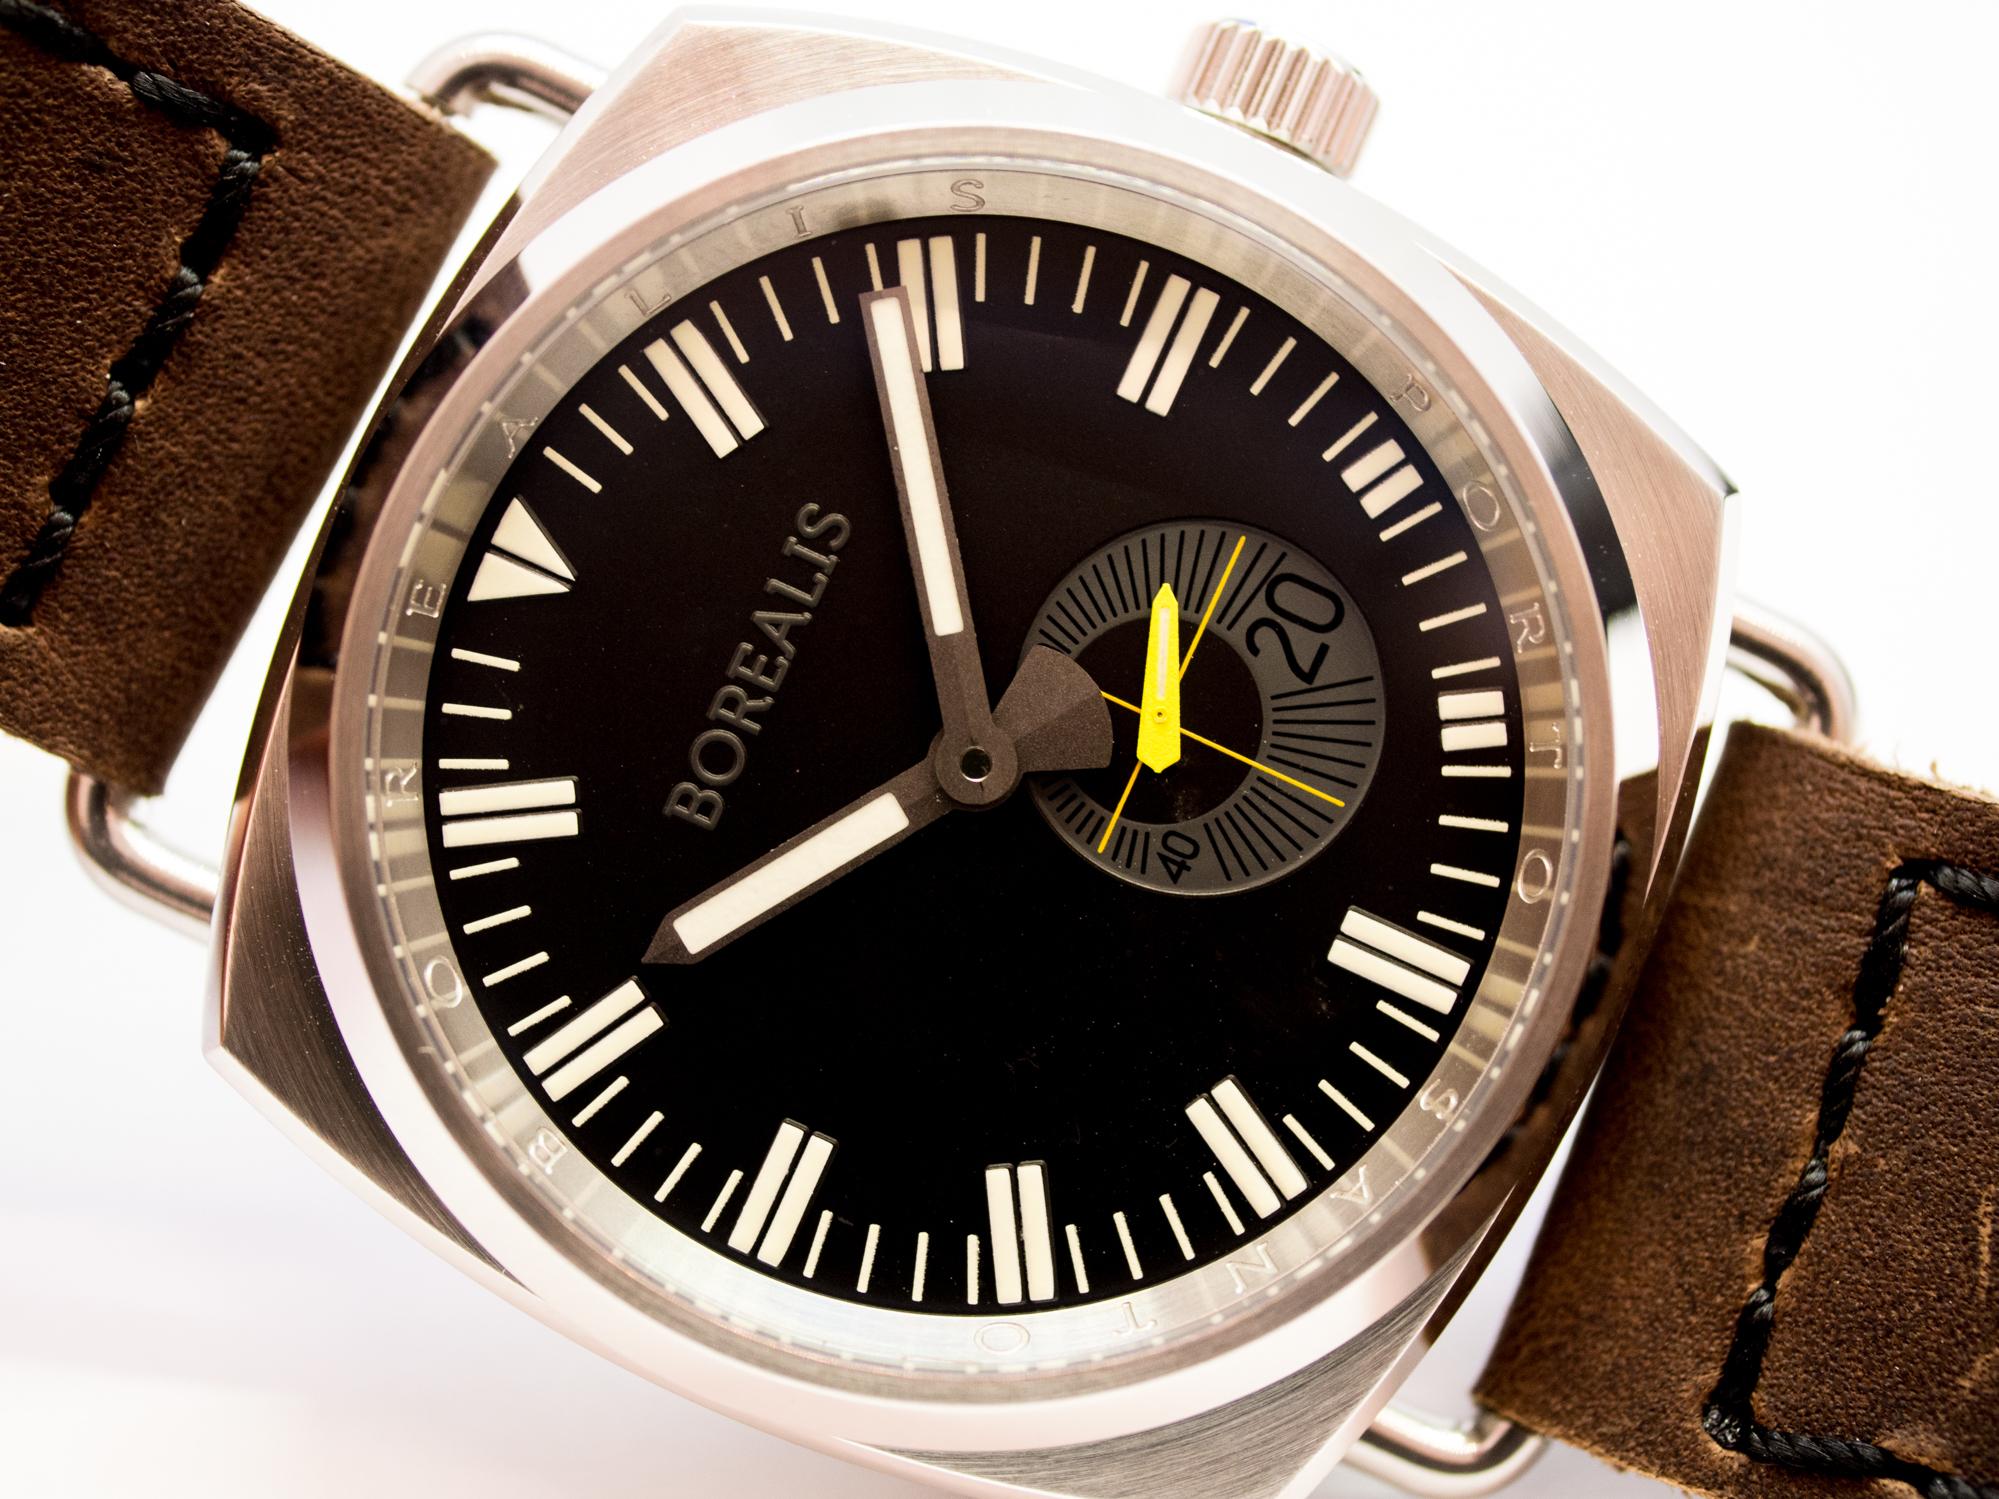 Borealis Porto Santo Automatic Diver Watch Black Dial C3 Lume Miyota 8218 BPSANTOBLACKC3